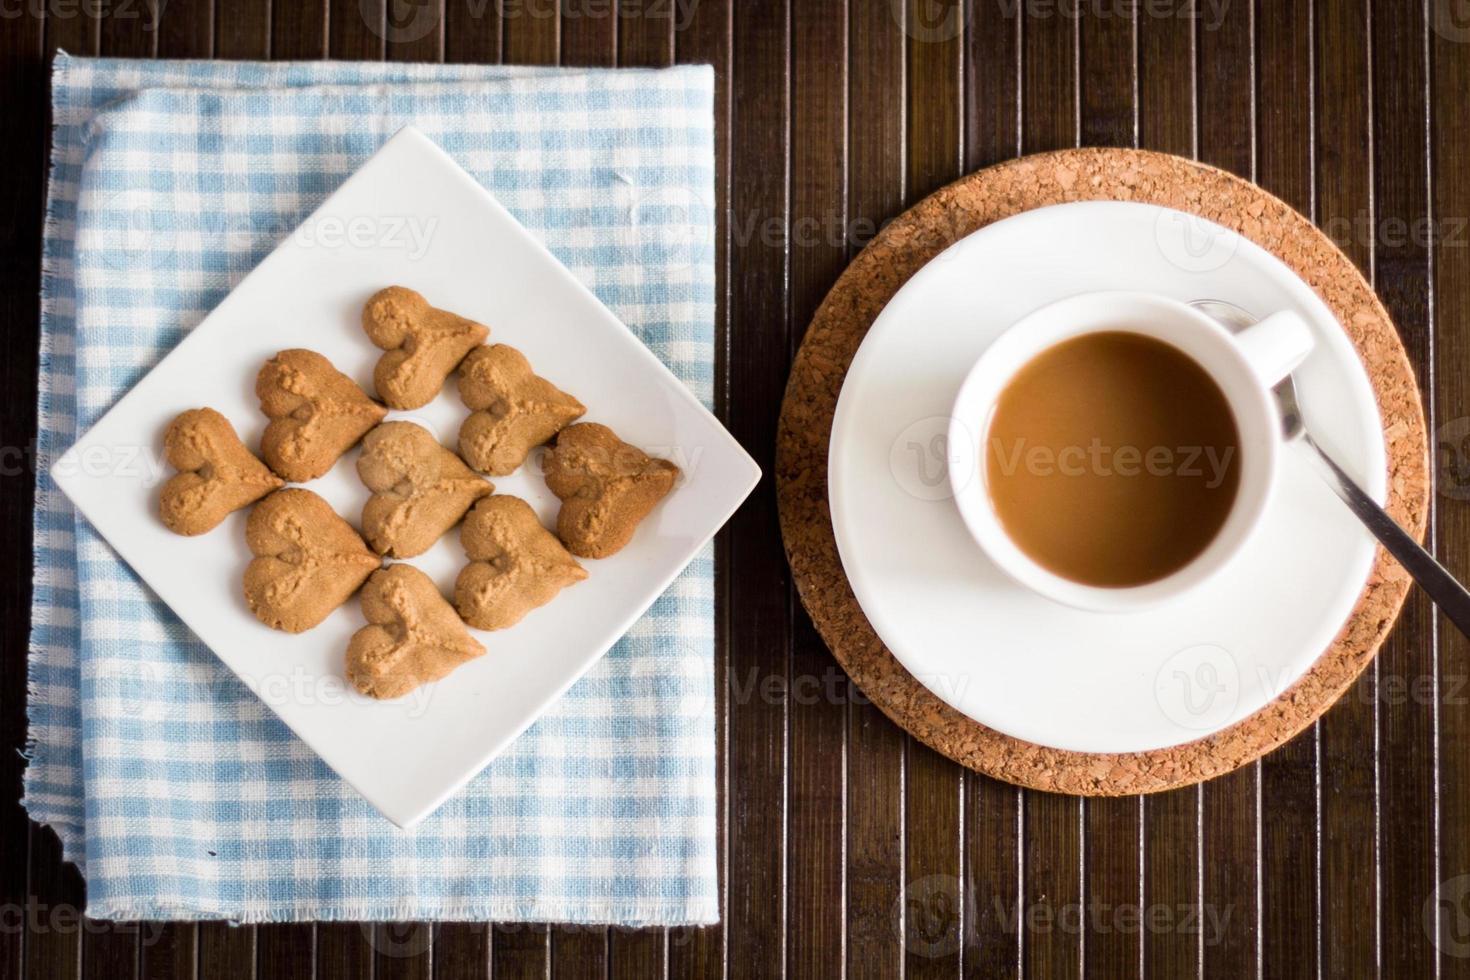 Kaffeekekse zusammen mit einer Tasse Kaffee foto